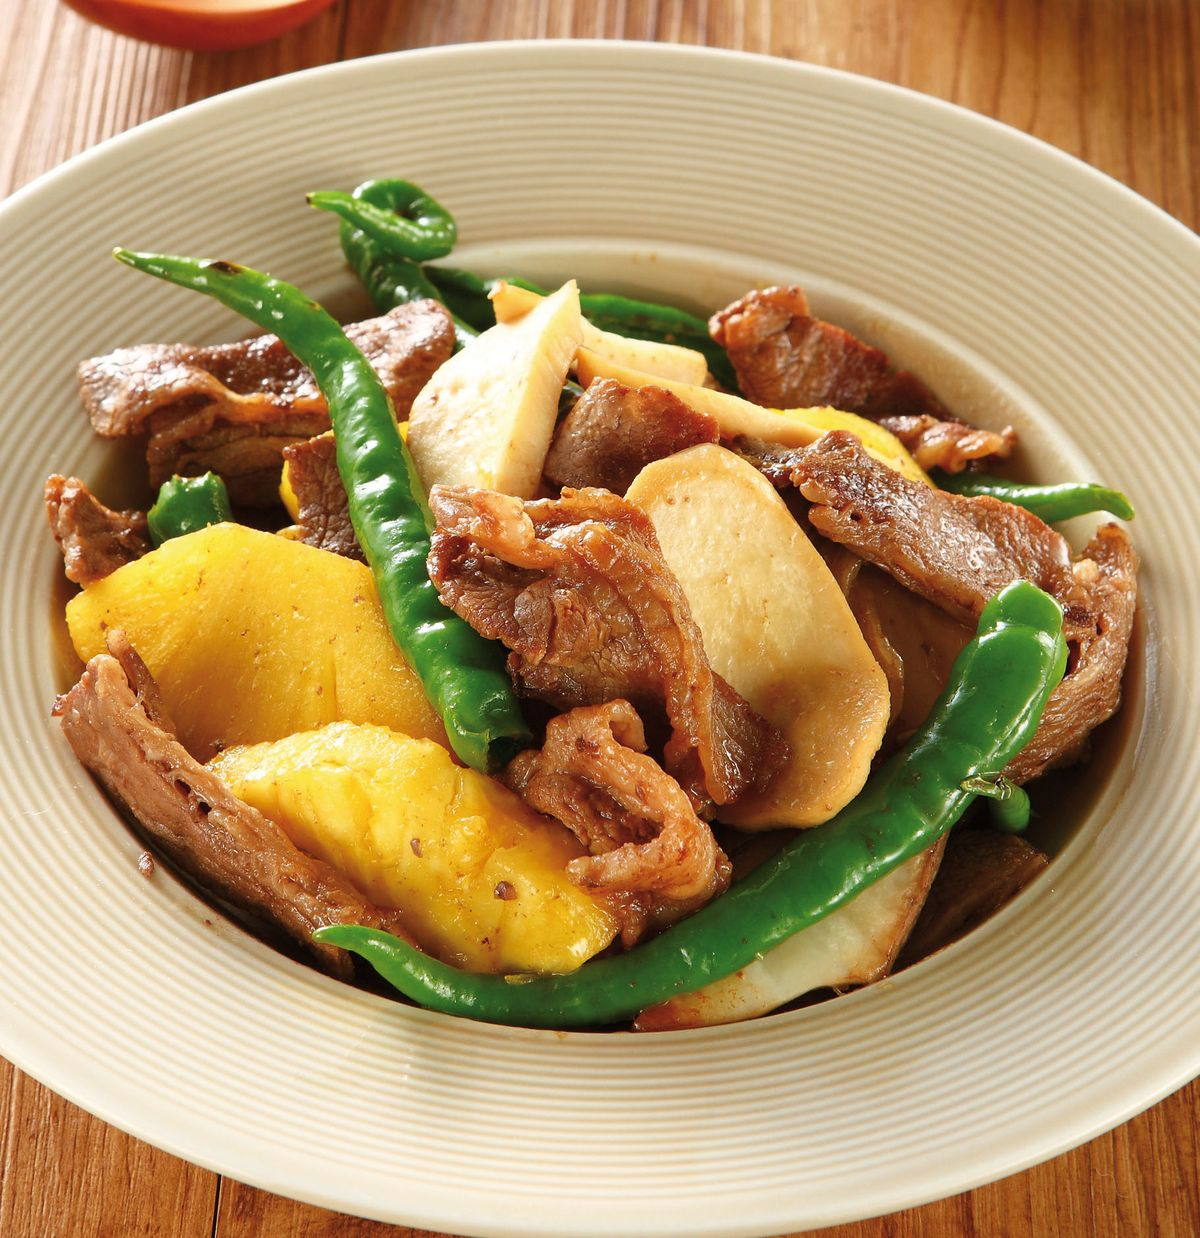 食譜:杏鮑菇炒牛肉片